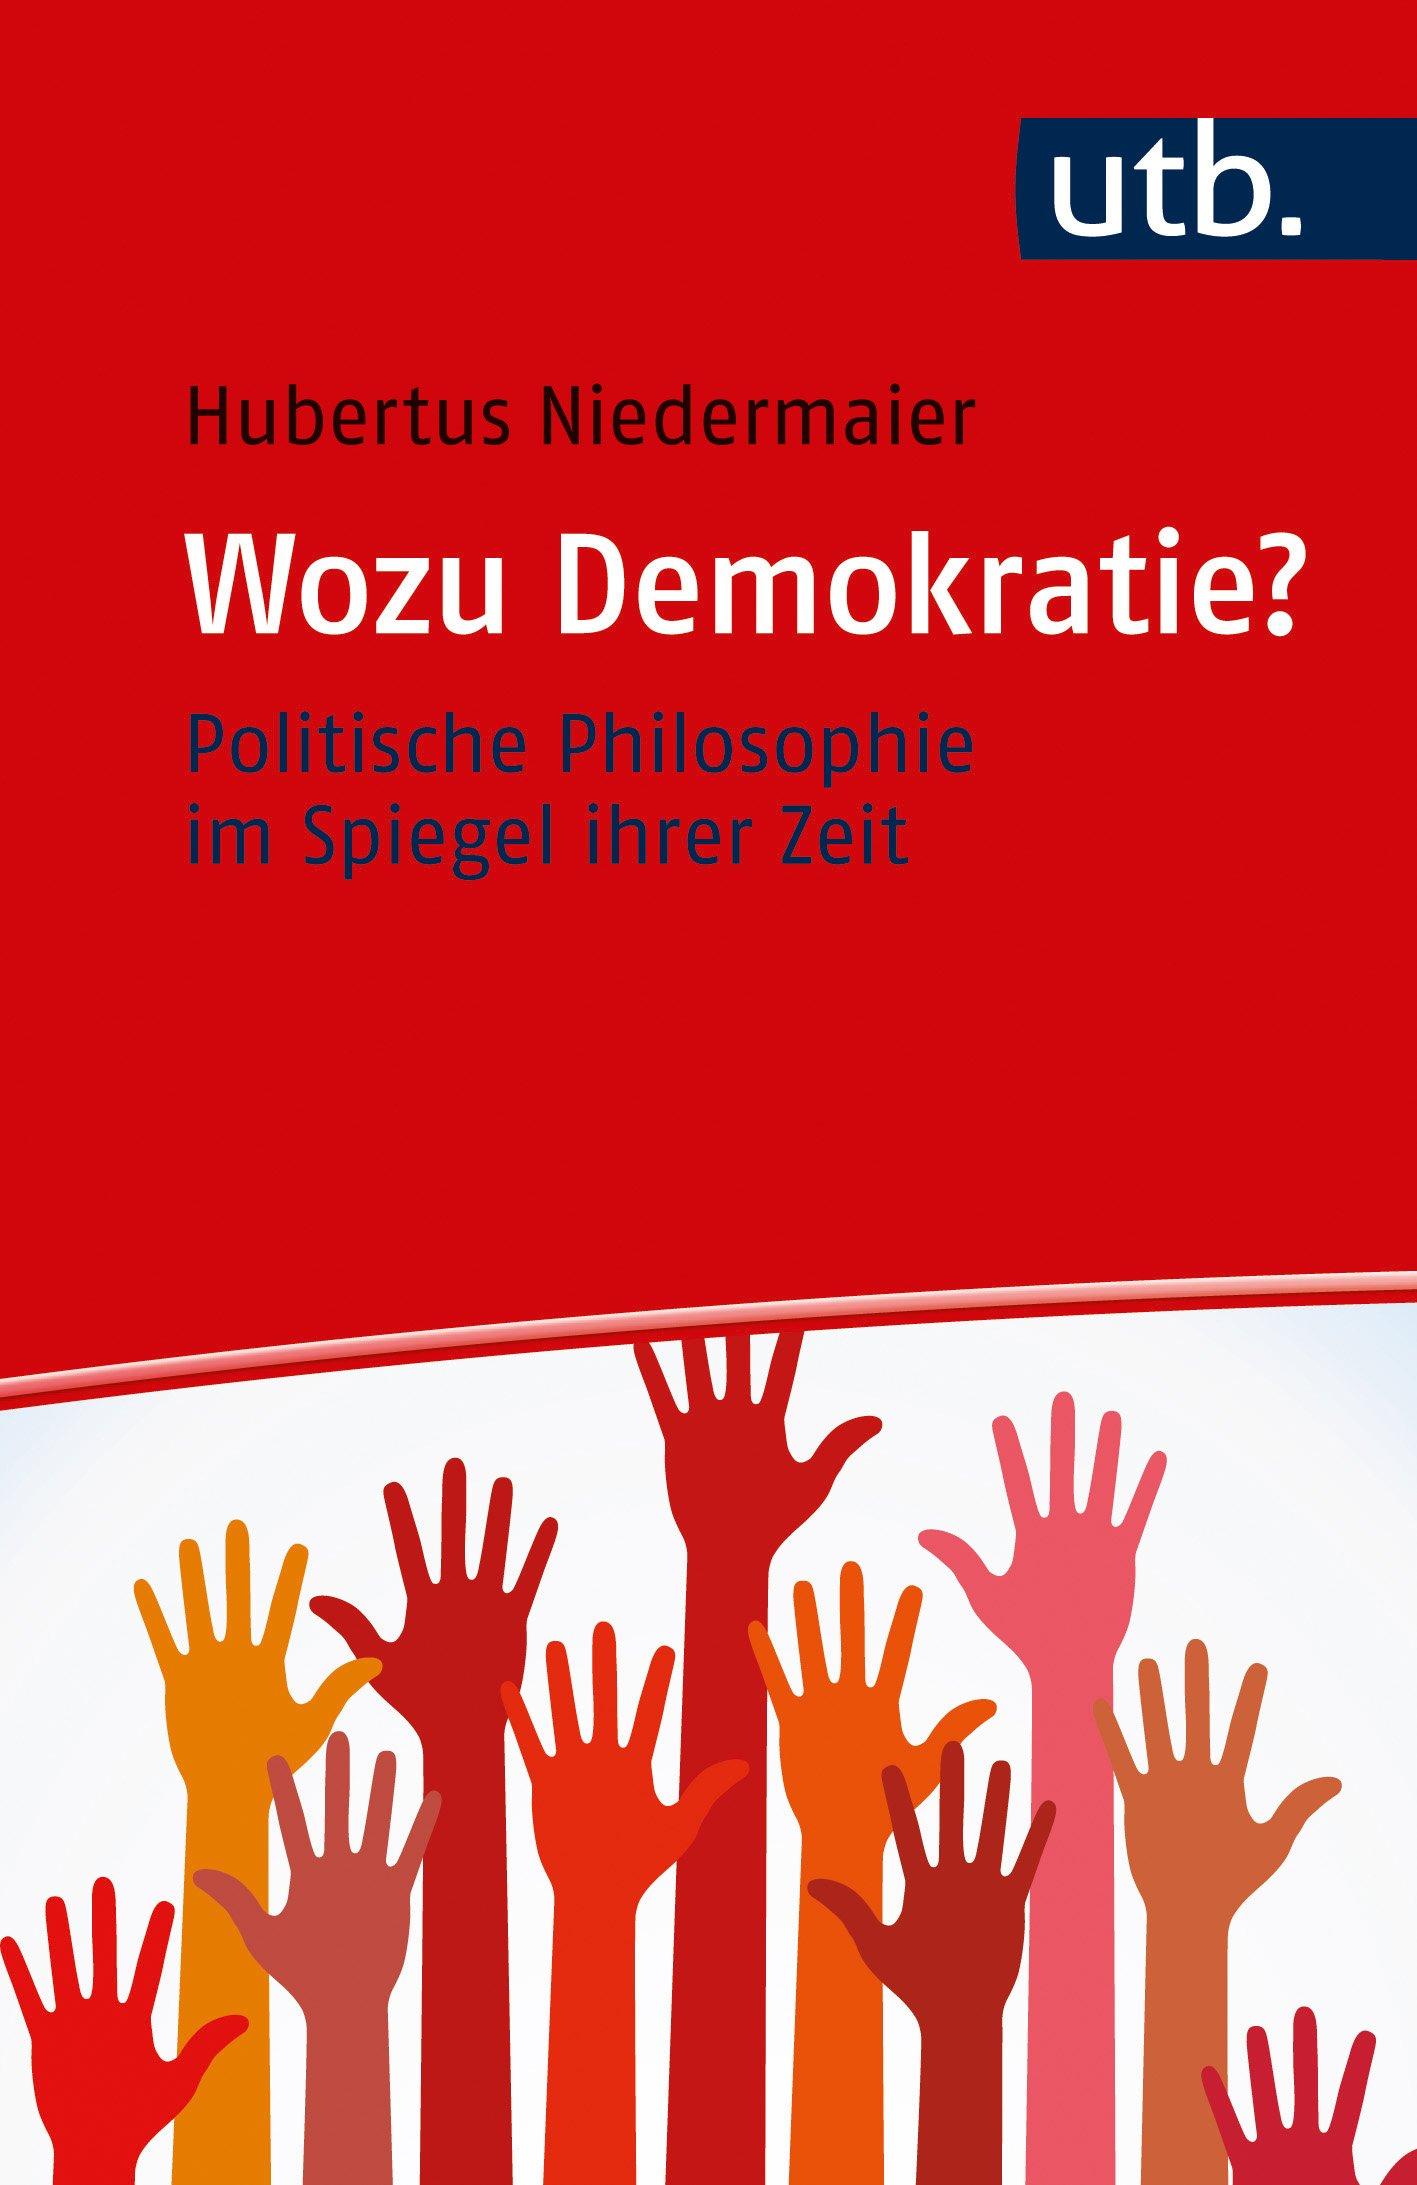 Wozu Demokratie?: Politische Philosophie im Spiegel ihrer Zeit